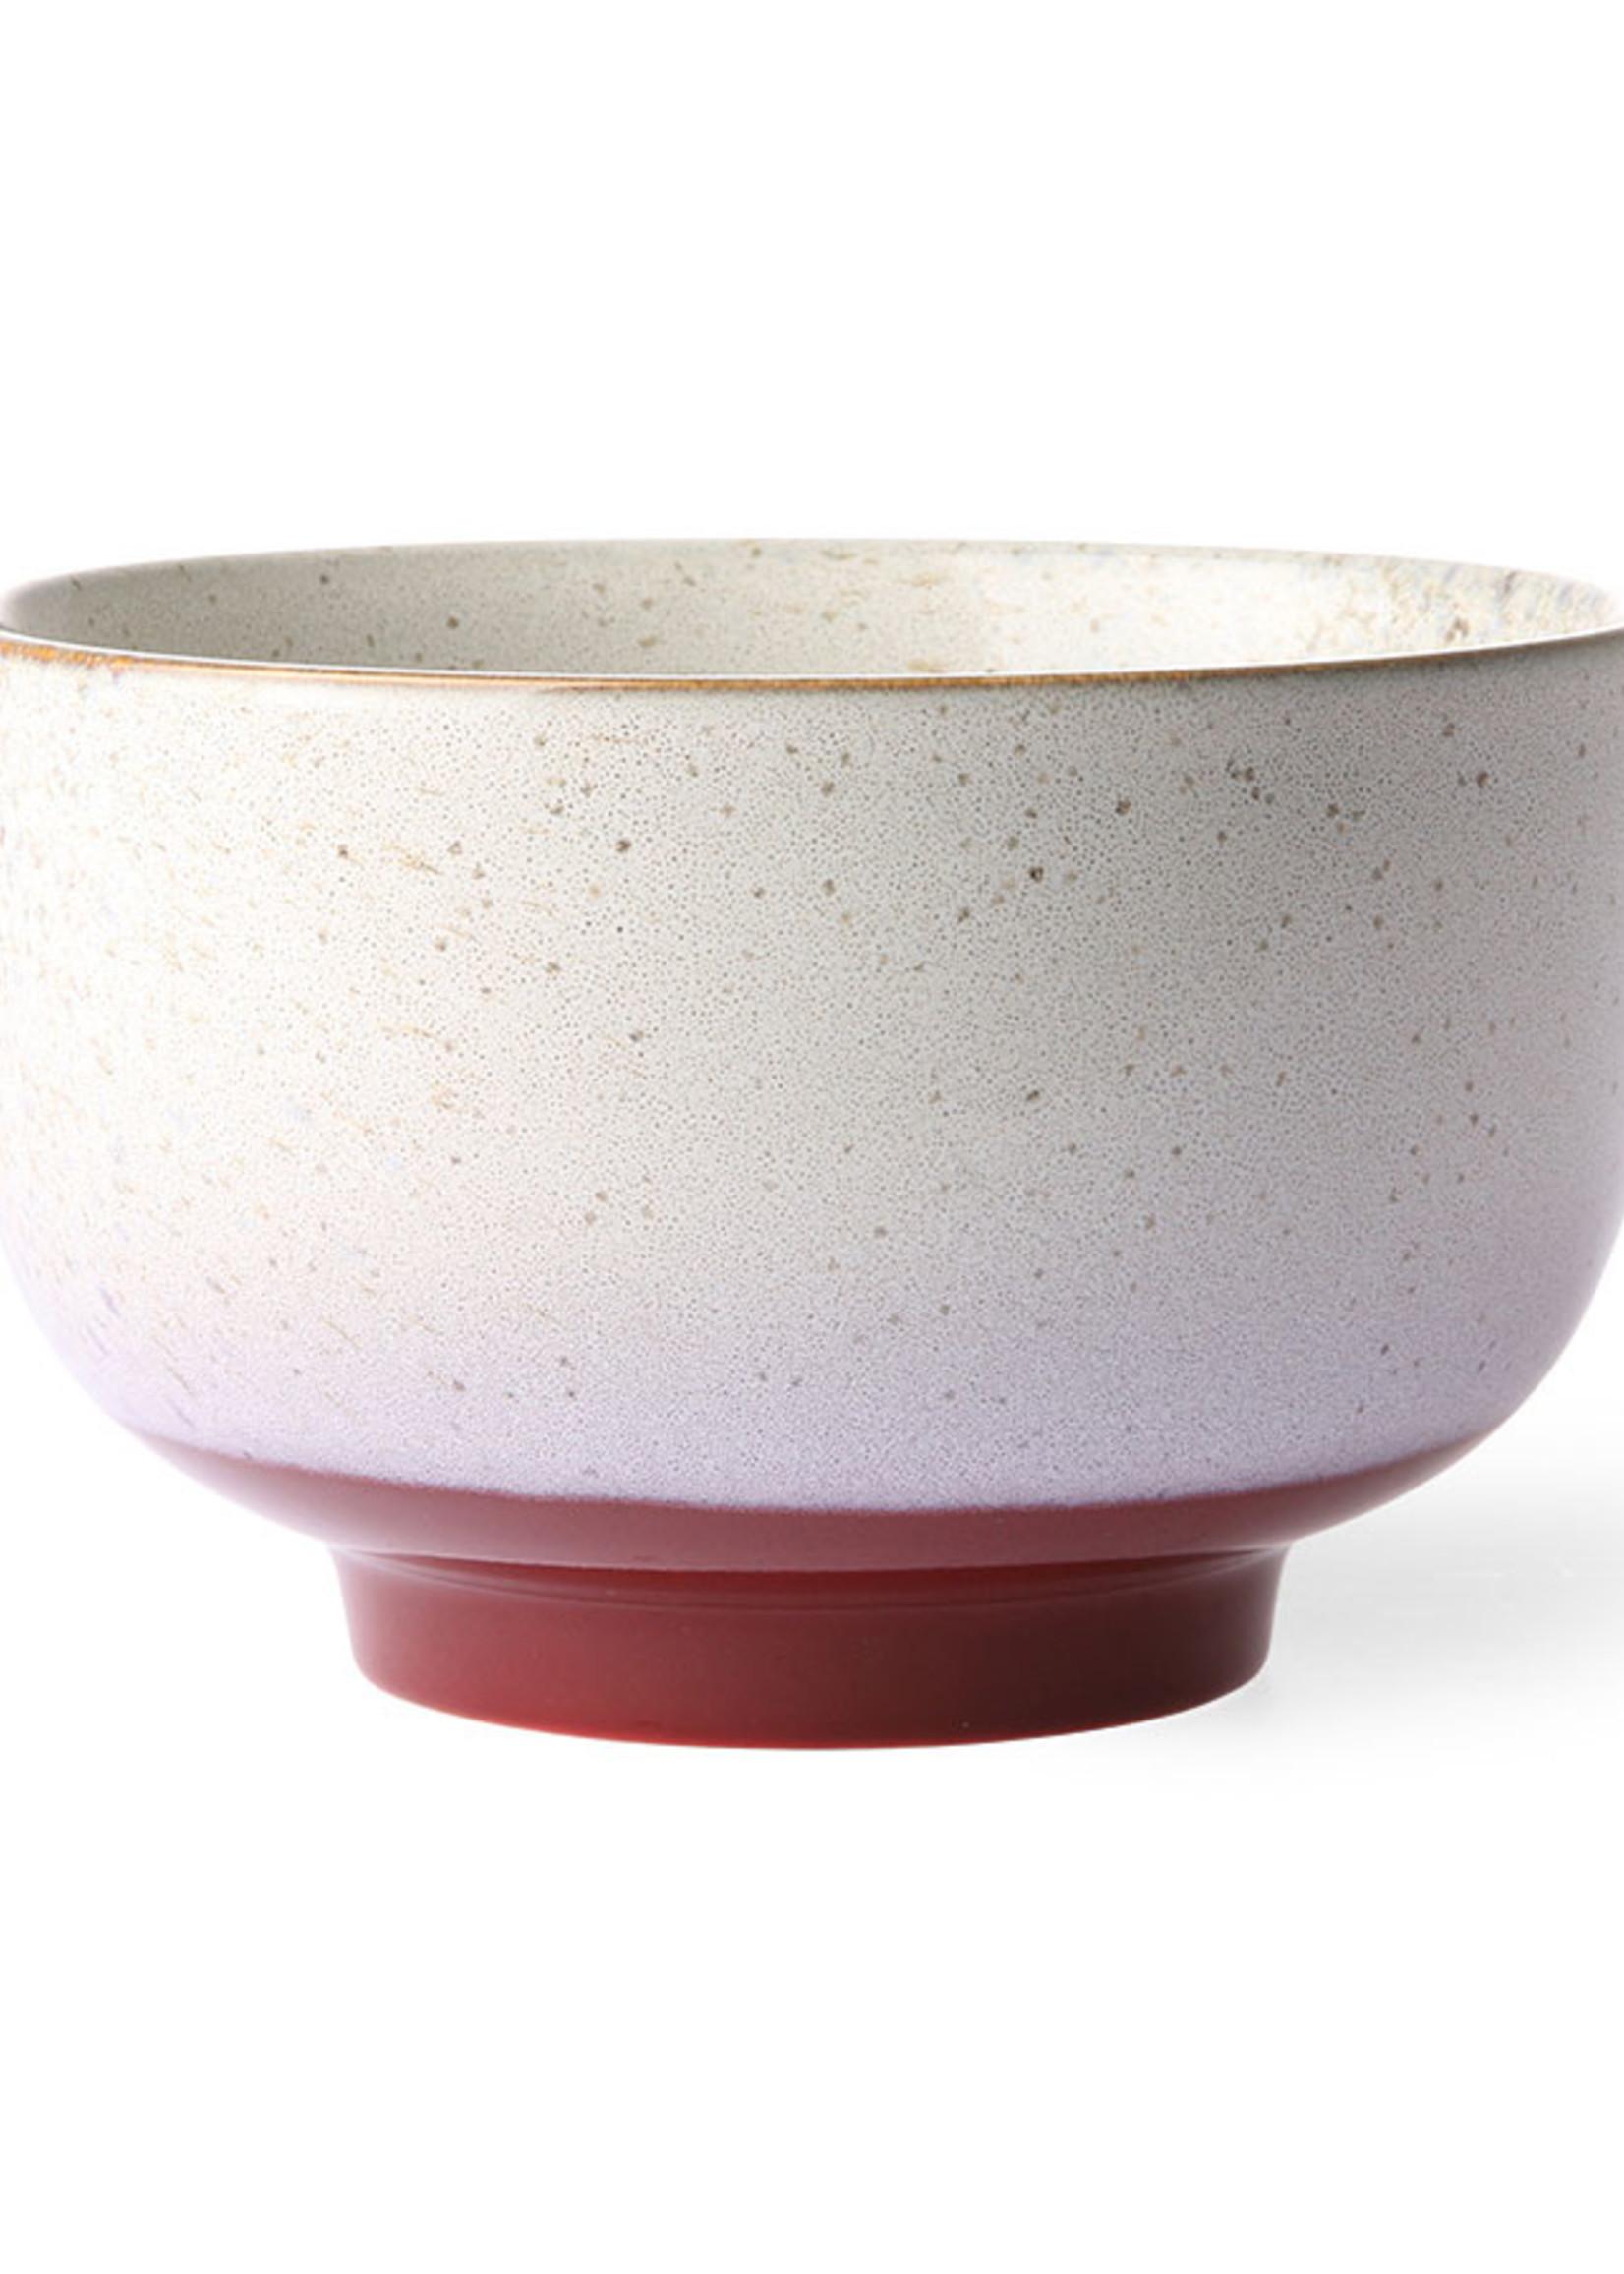 HK living 70's ceramics: noodle bowl frost